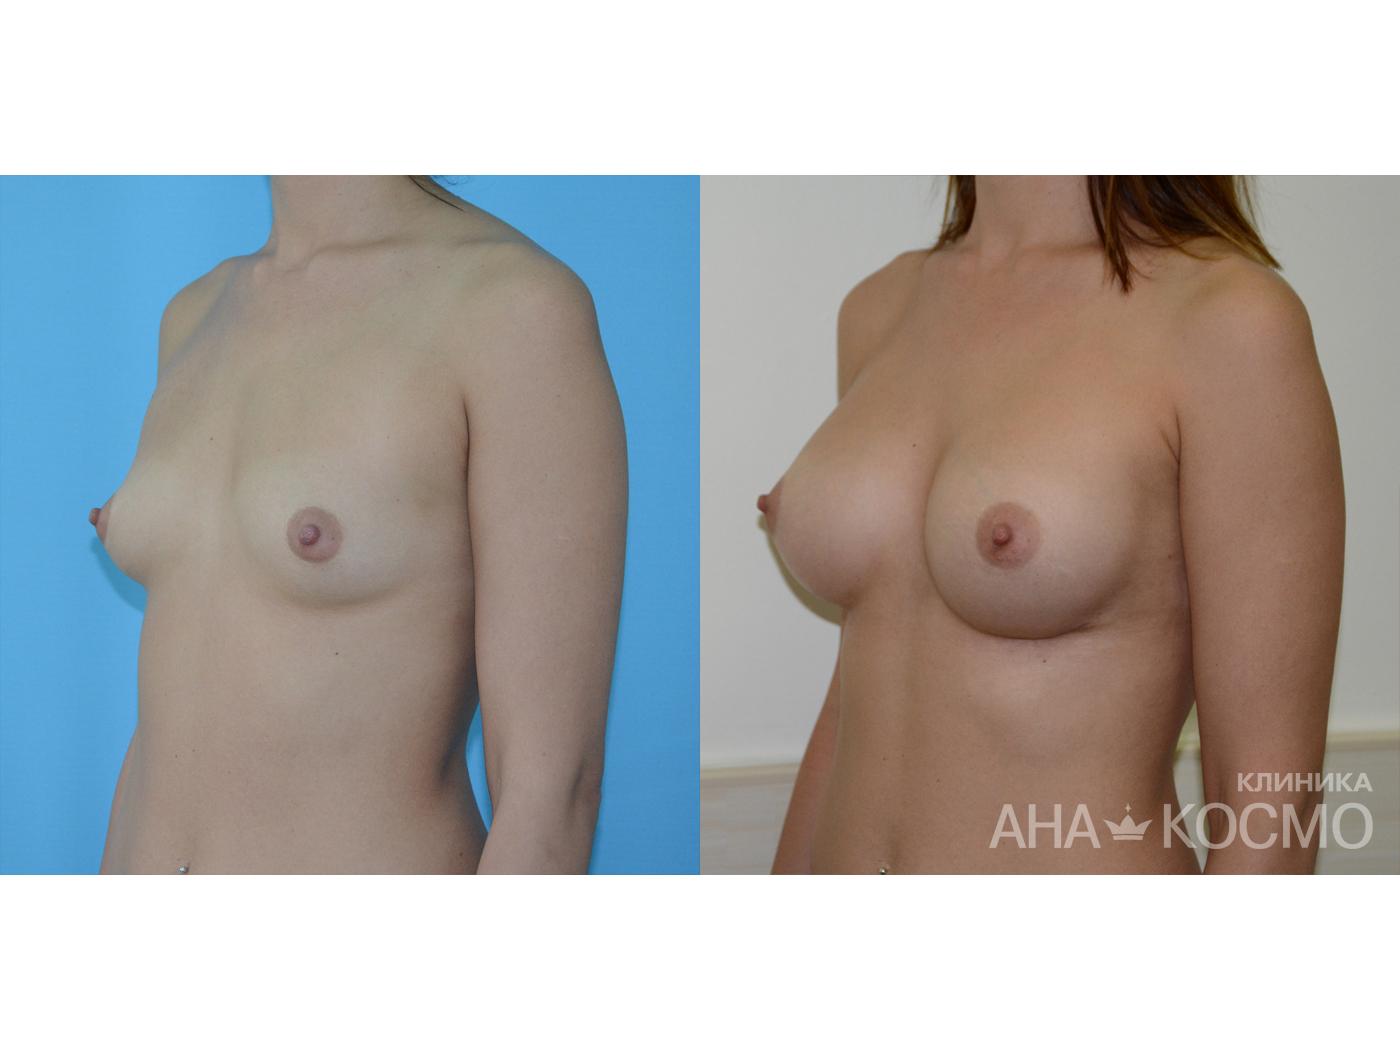 Голые телки с силиконовой грудью